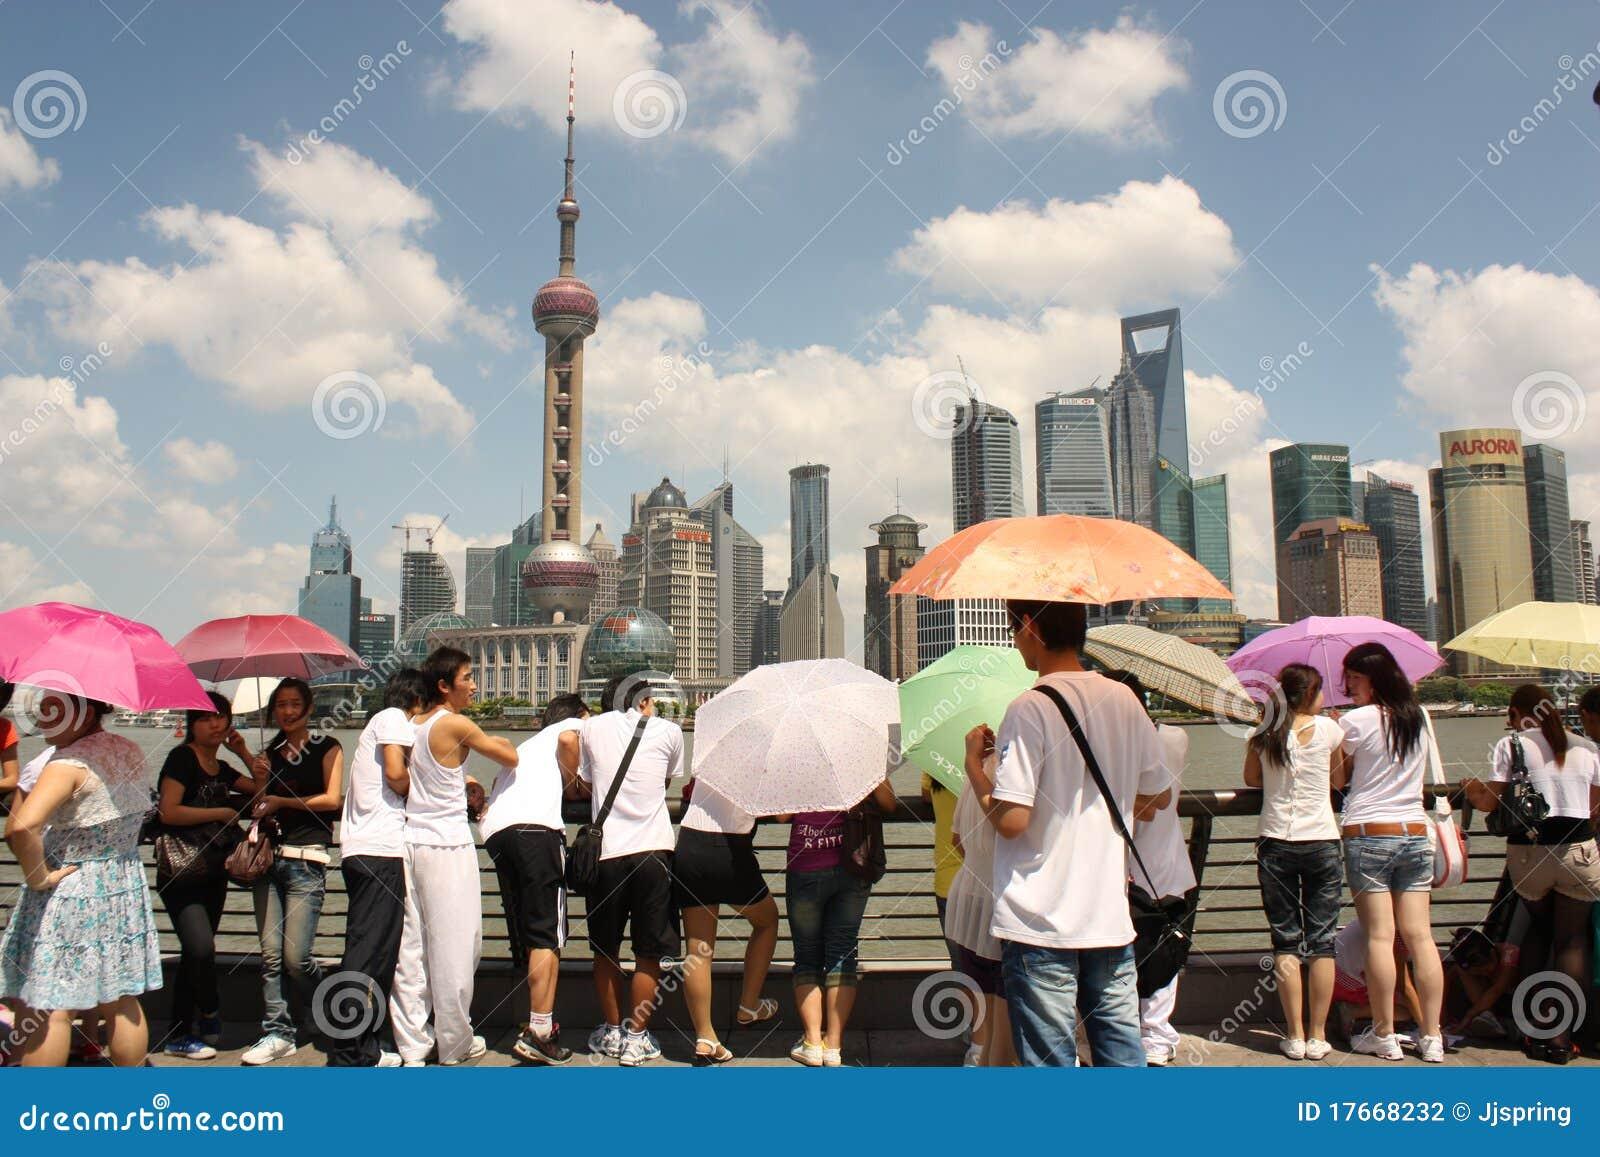 上海地平线游人